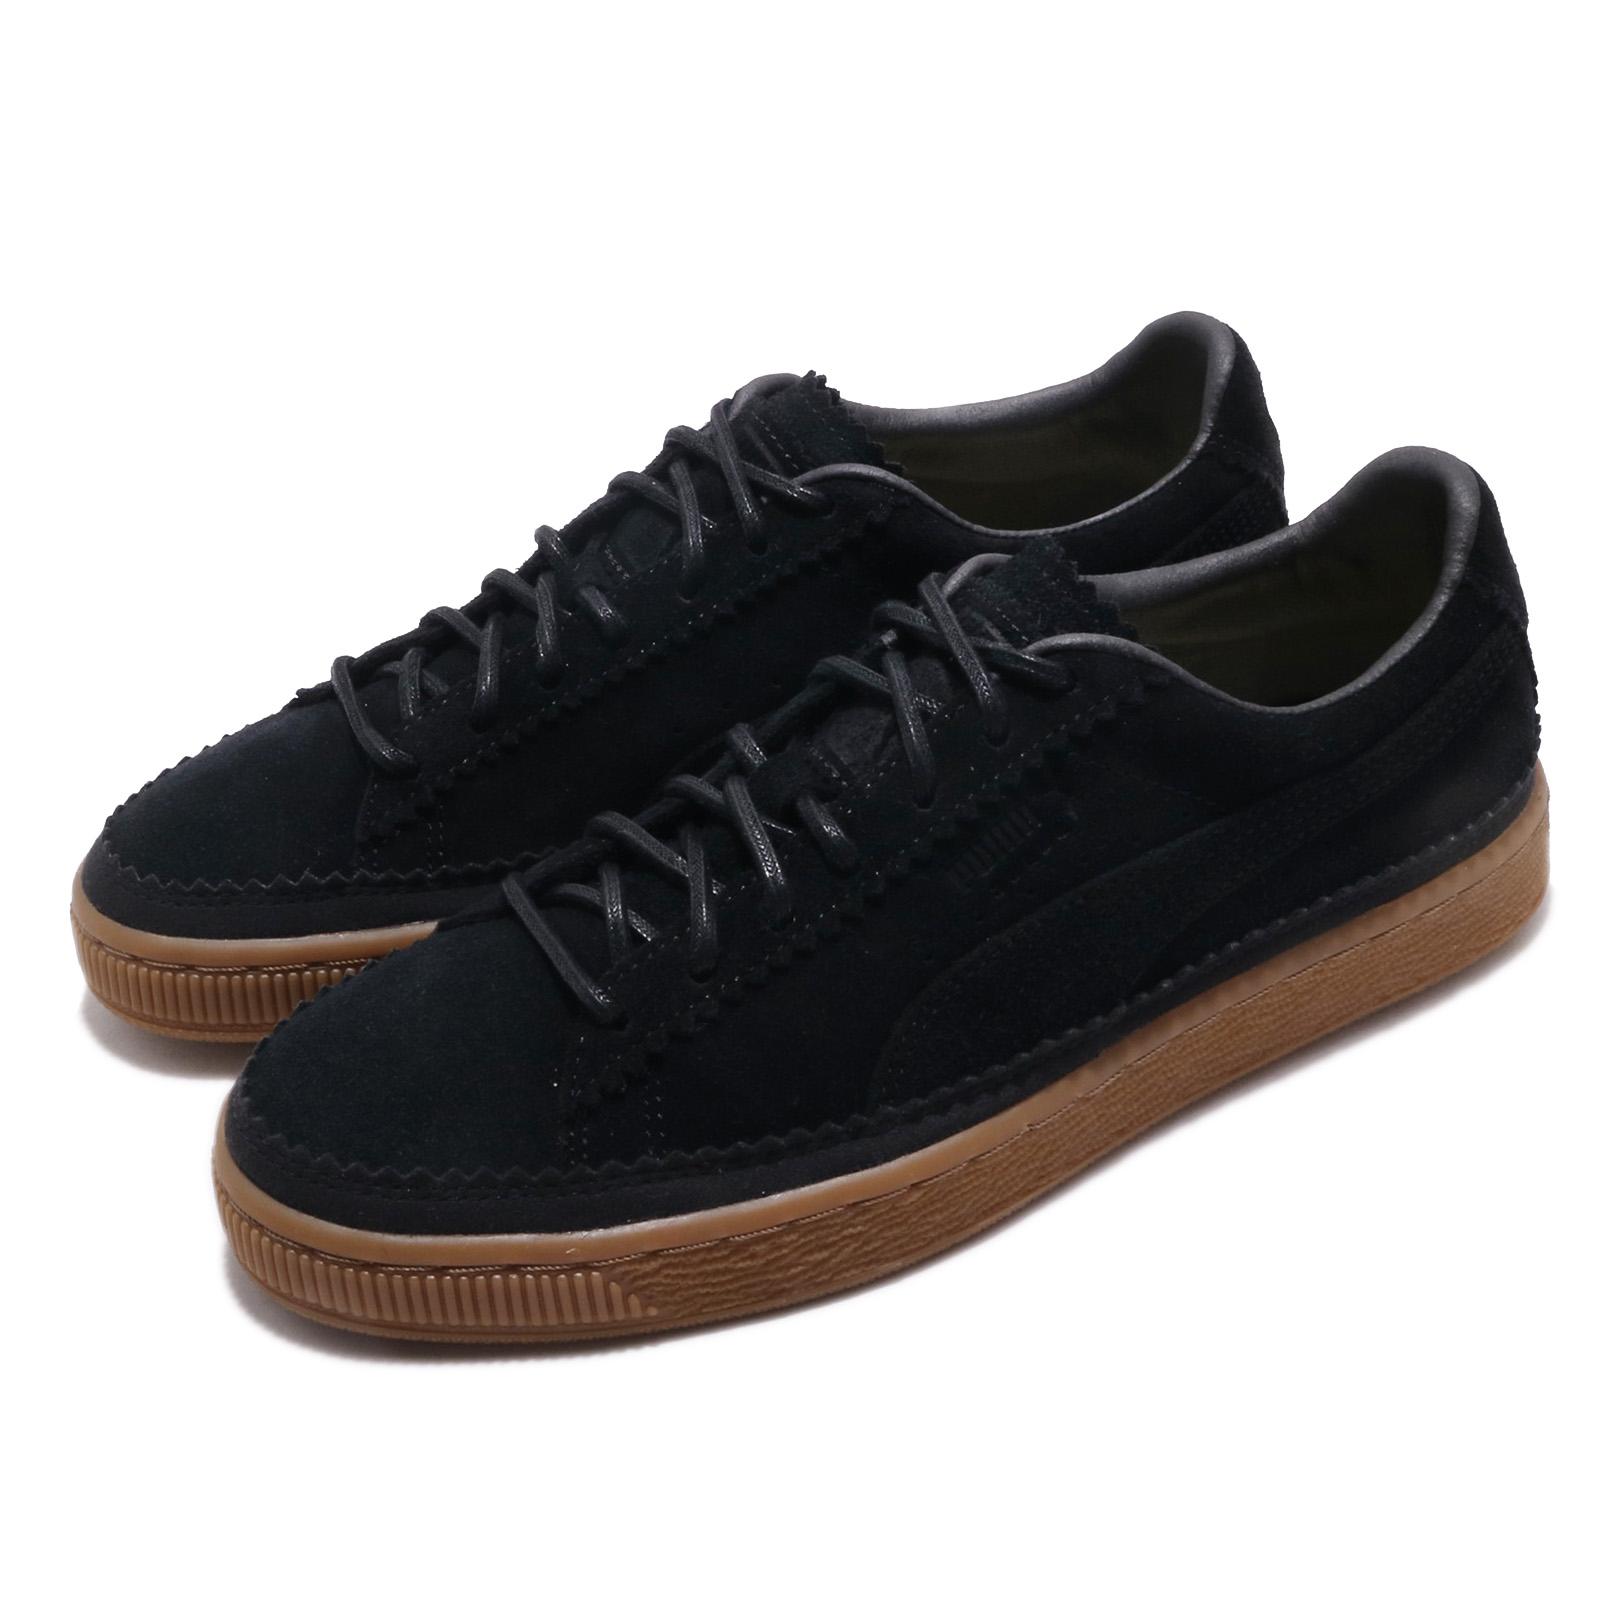 Puma 休閒鞋 Suede Classic 低筒 男女鞋 36663101